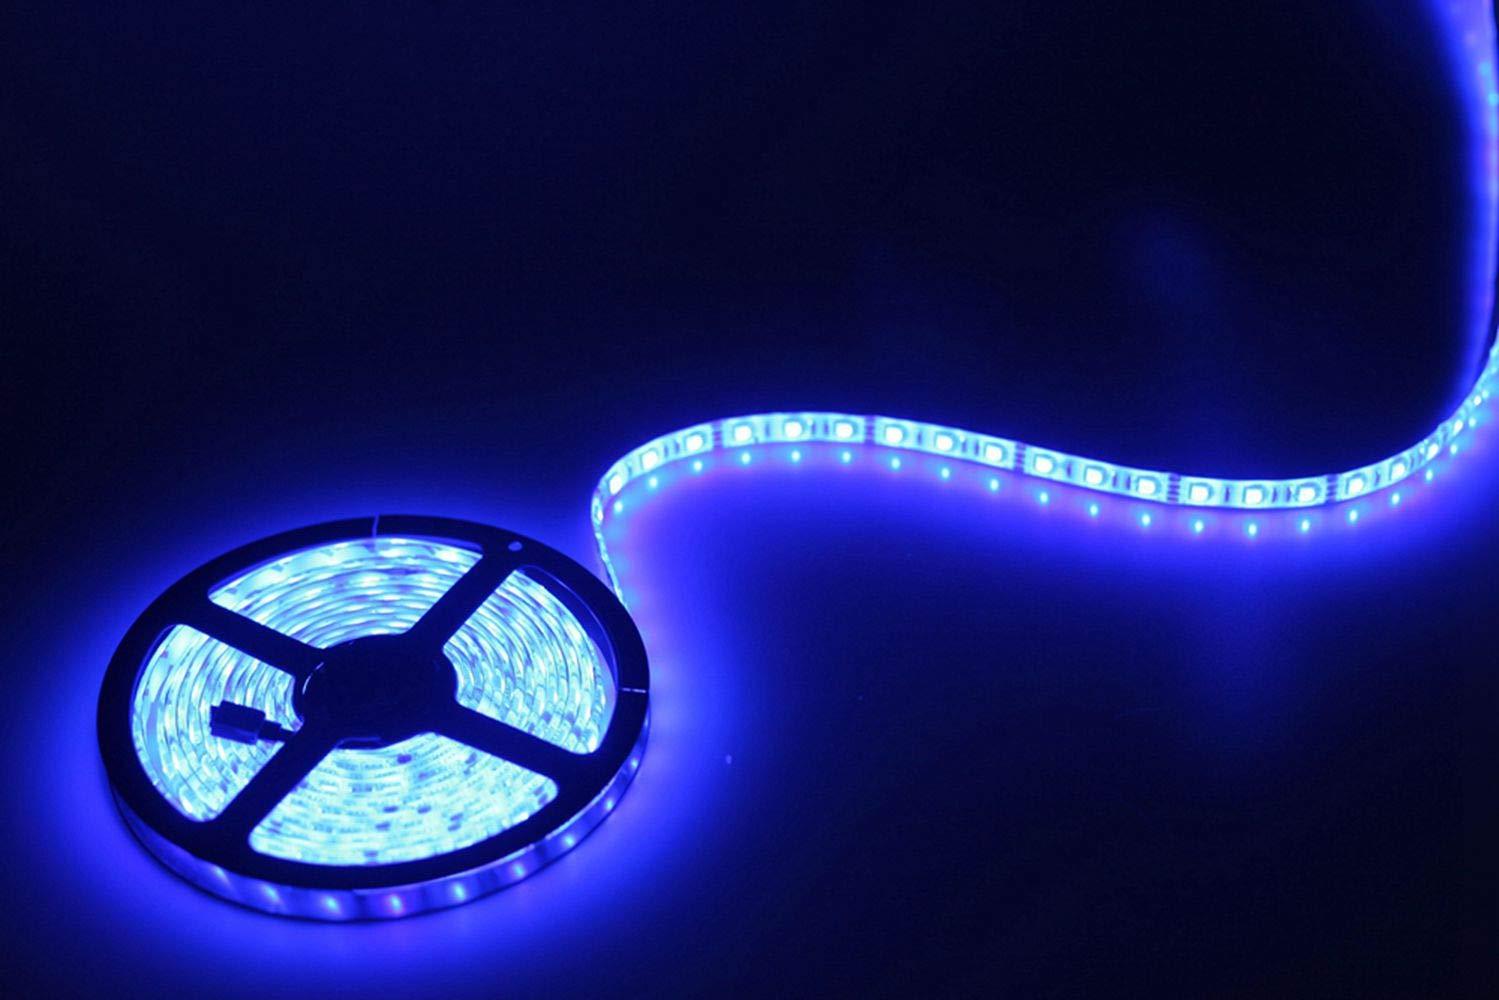 5m Striscia led RGB 5050 con Controllo remoto, Minger Luci LED Strip Incorporato Microfono, Sync to Music, Luce Impermeabile IP65, 300 LEDs Illuminazione Striscia Flessibile (DC 12V/3A) EULOCA